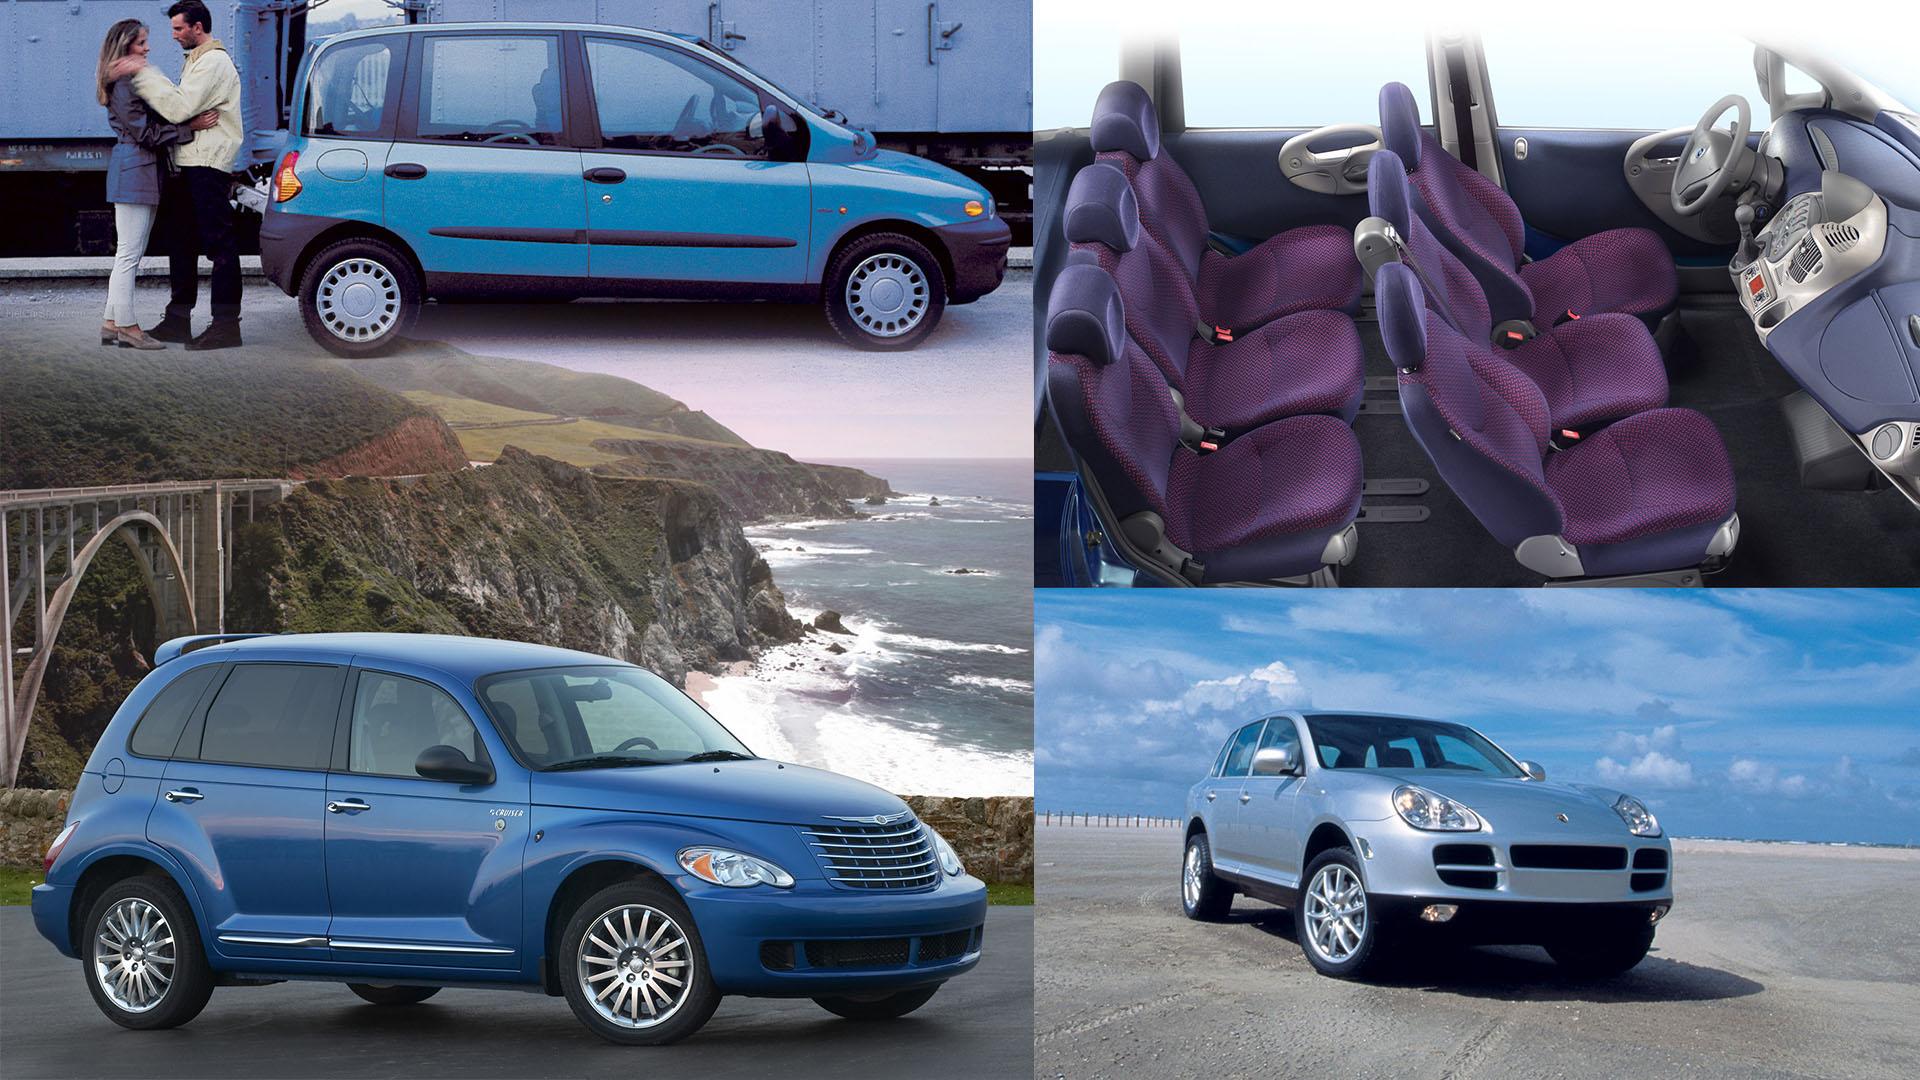 10 moderne bildesign du burde sette pris på